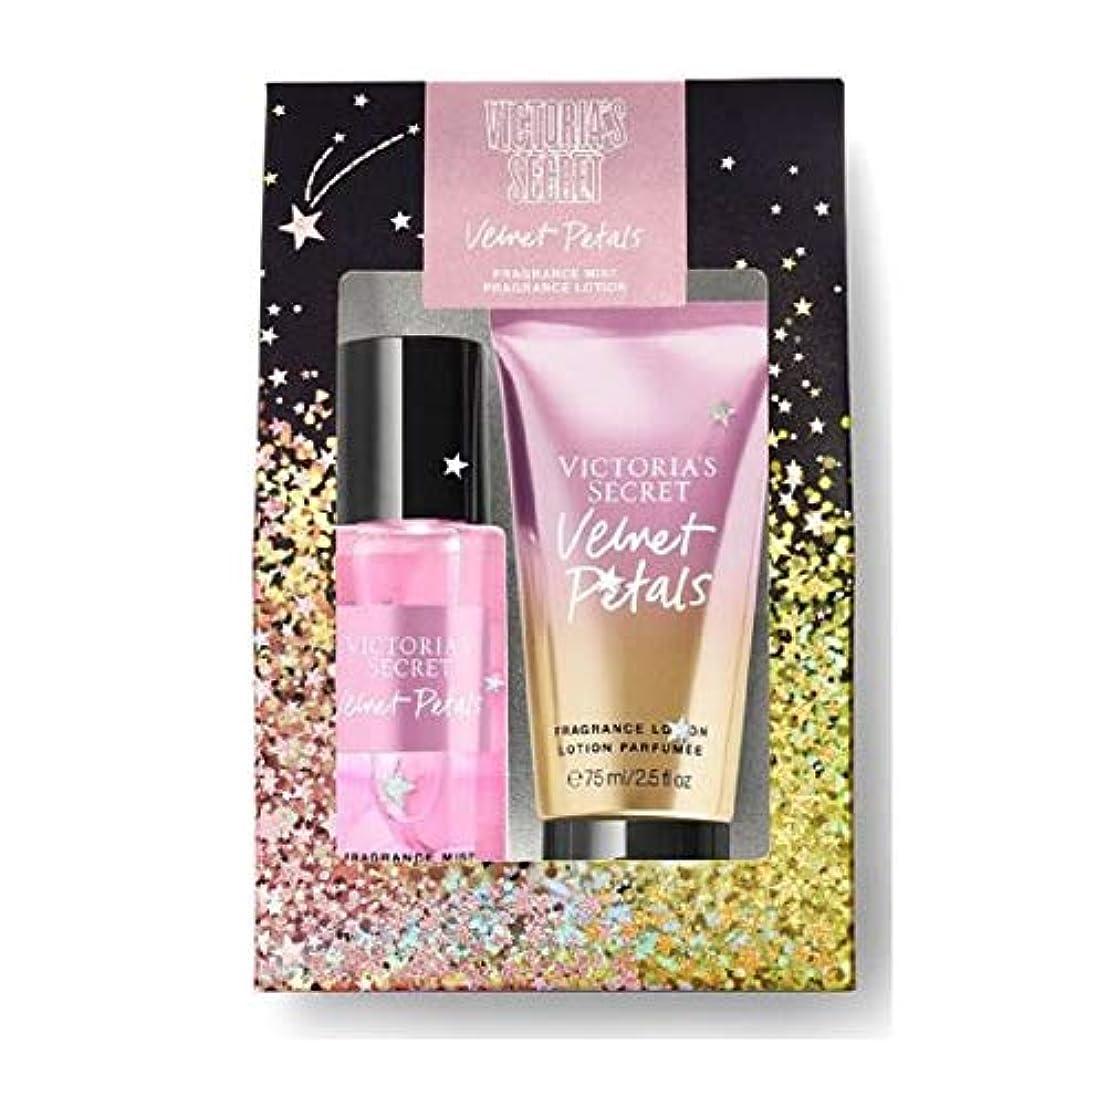 凍るマガジン輝くミスト&ローション,ミニギフト&ギフトボックス セット MiniGiftSet&GiftBox ヴィクトリアズシークレット Victorias'Secret (4.ベルベットペタル/VelvetPetals) [並行輸入品]